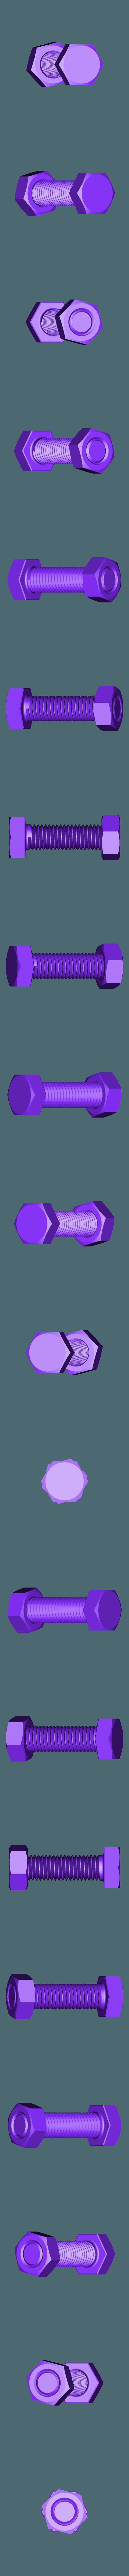 Screw-Nut.stl Télécharger fichier STL gratuit Vis et écrou M14 • Modèle imprimable en 3D, bofl